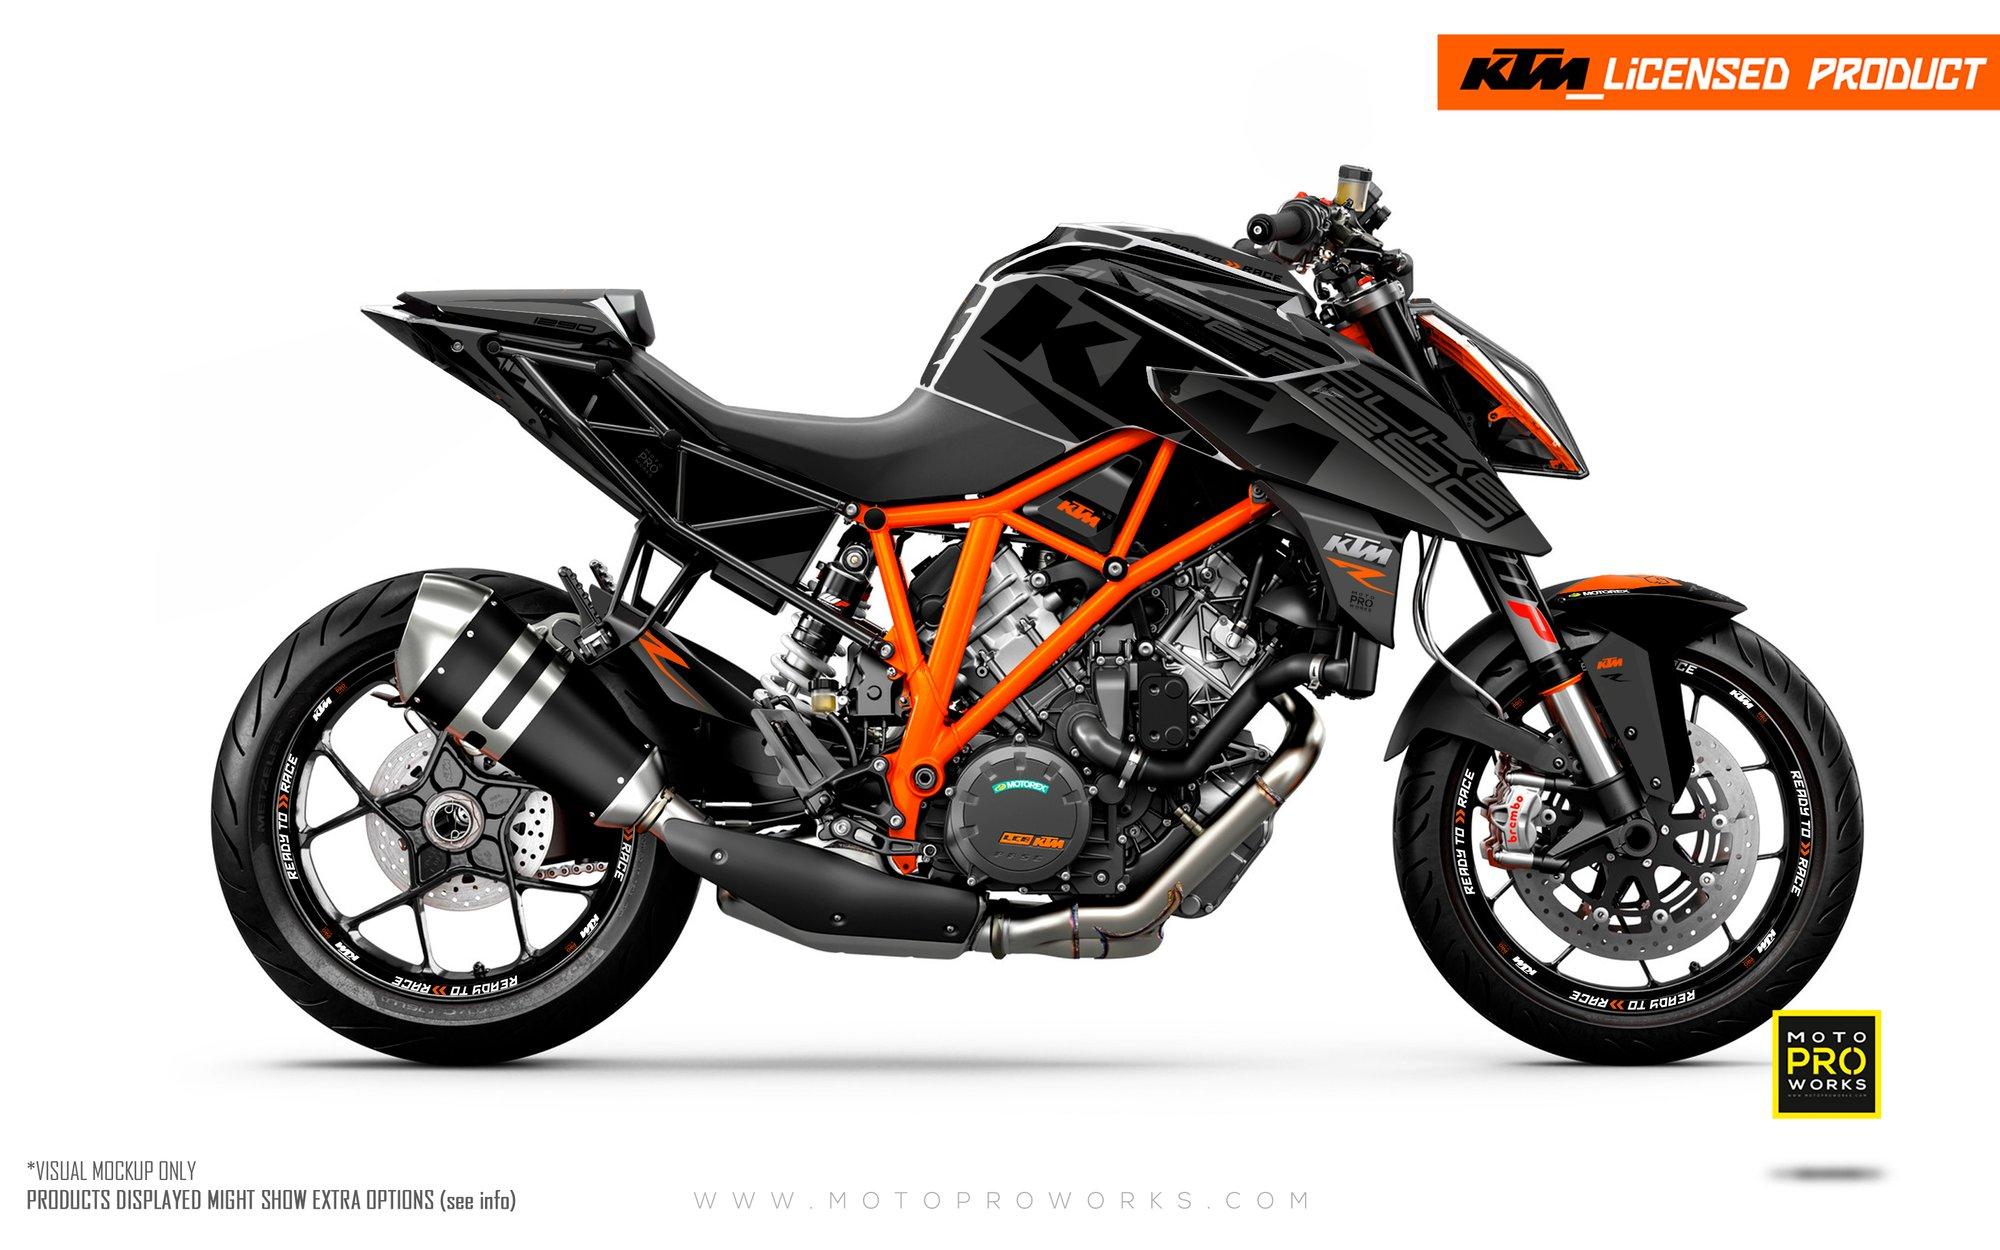 Sélection de Kits décoratifs pour moto KTM en promotion - Ex : Kit pour KTM Super Duke R (motoproworks.com)